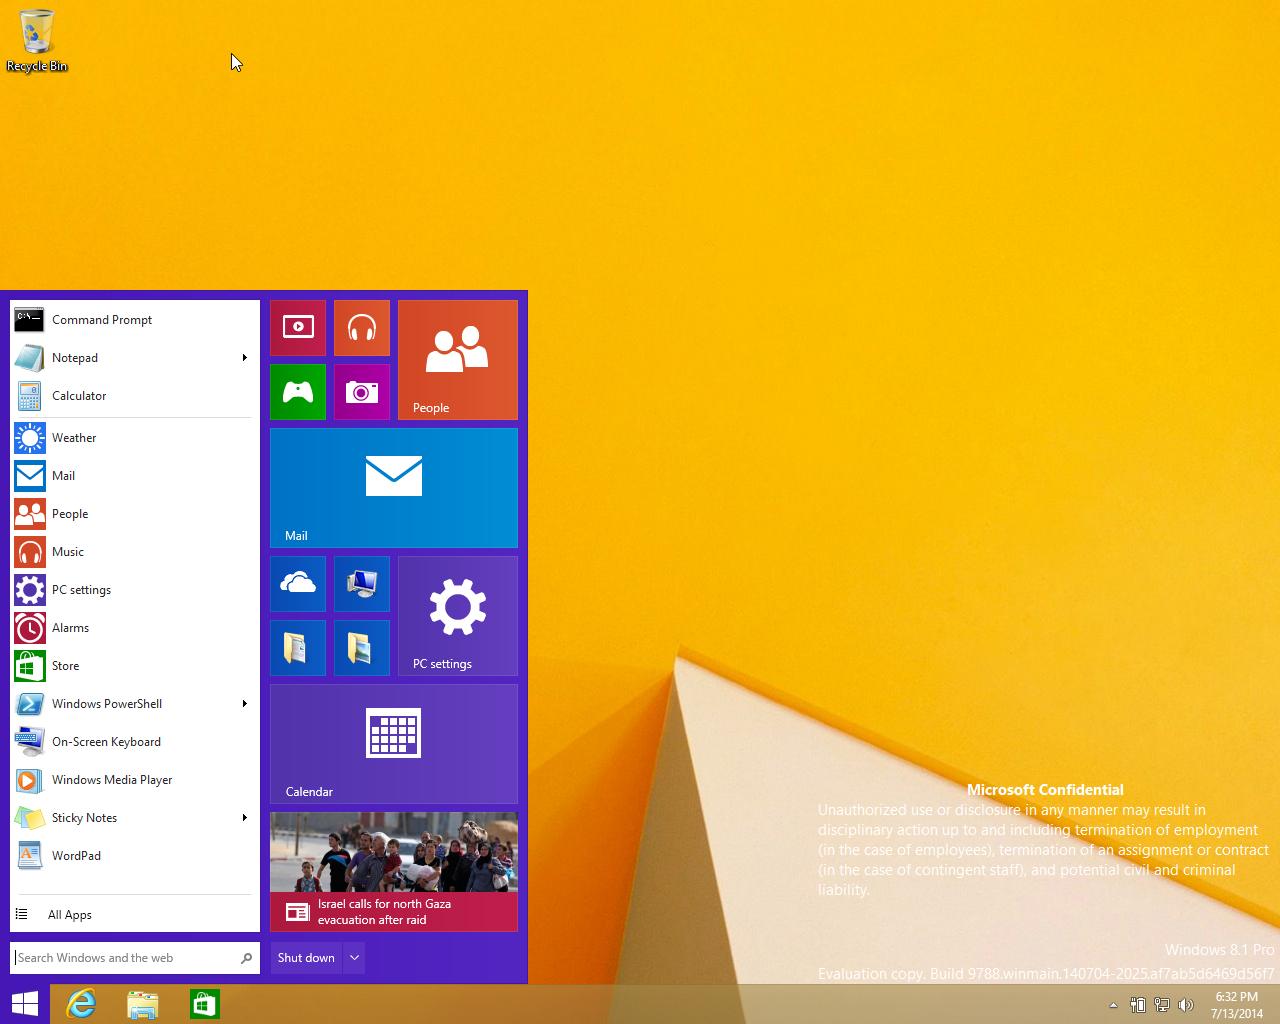 Das neue klassische Startmenü in einer Entwicklerversion von Windows 9